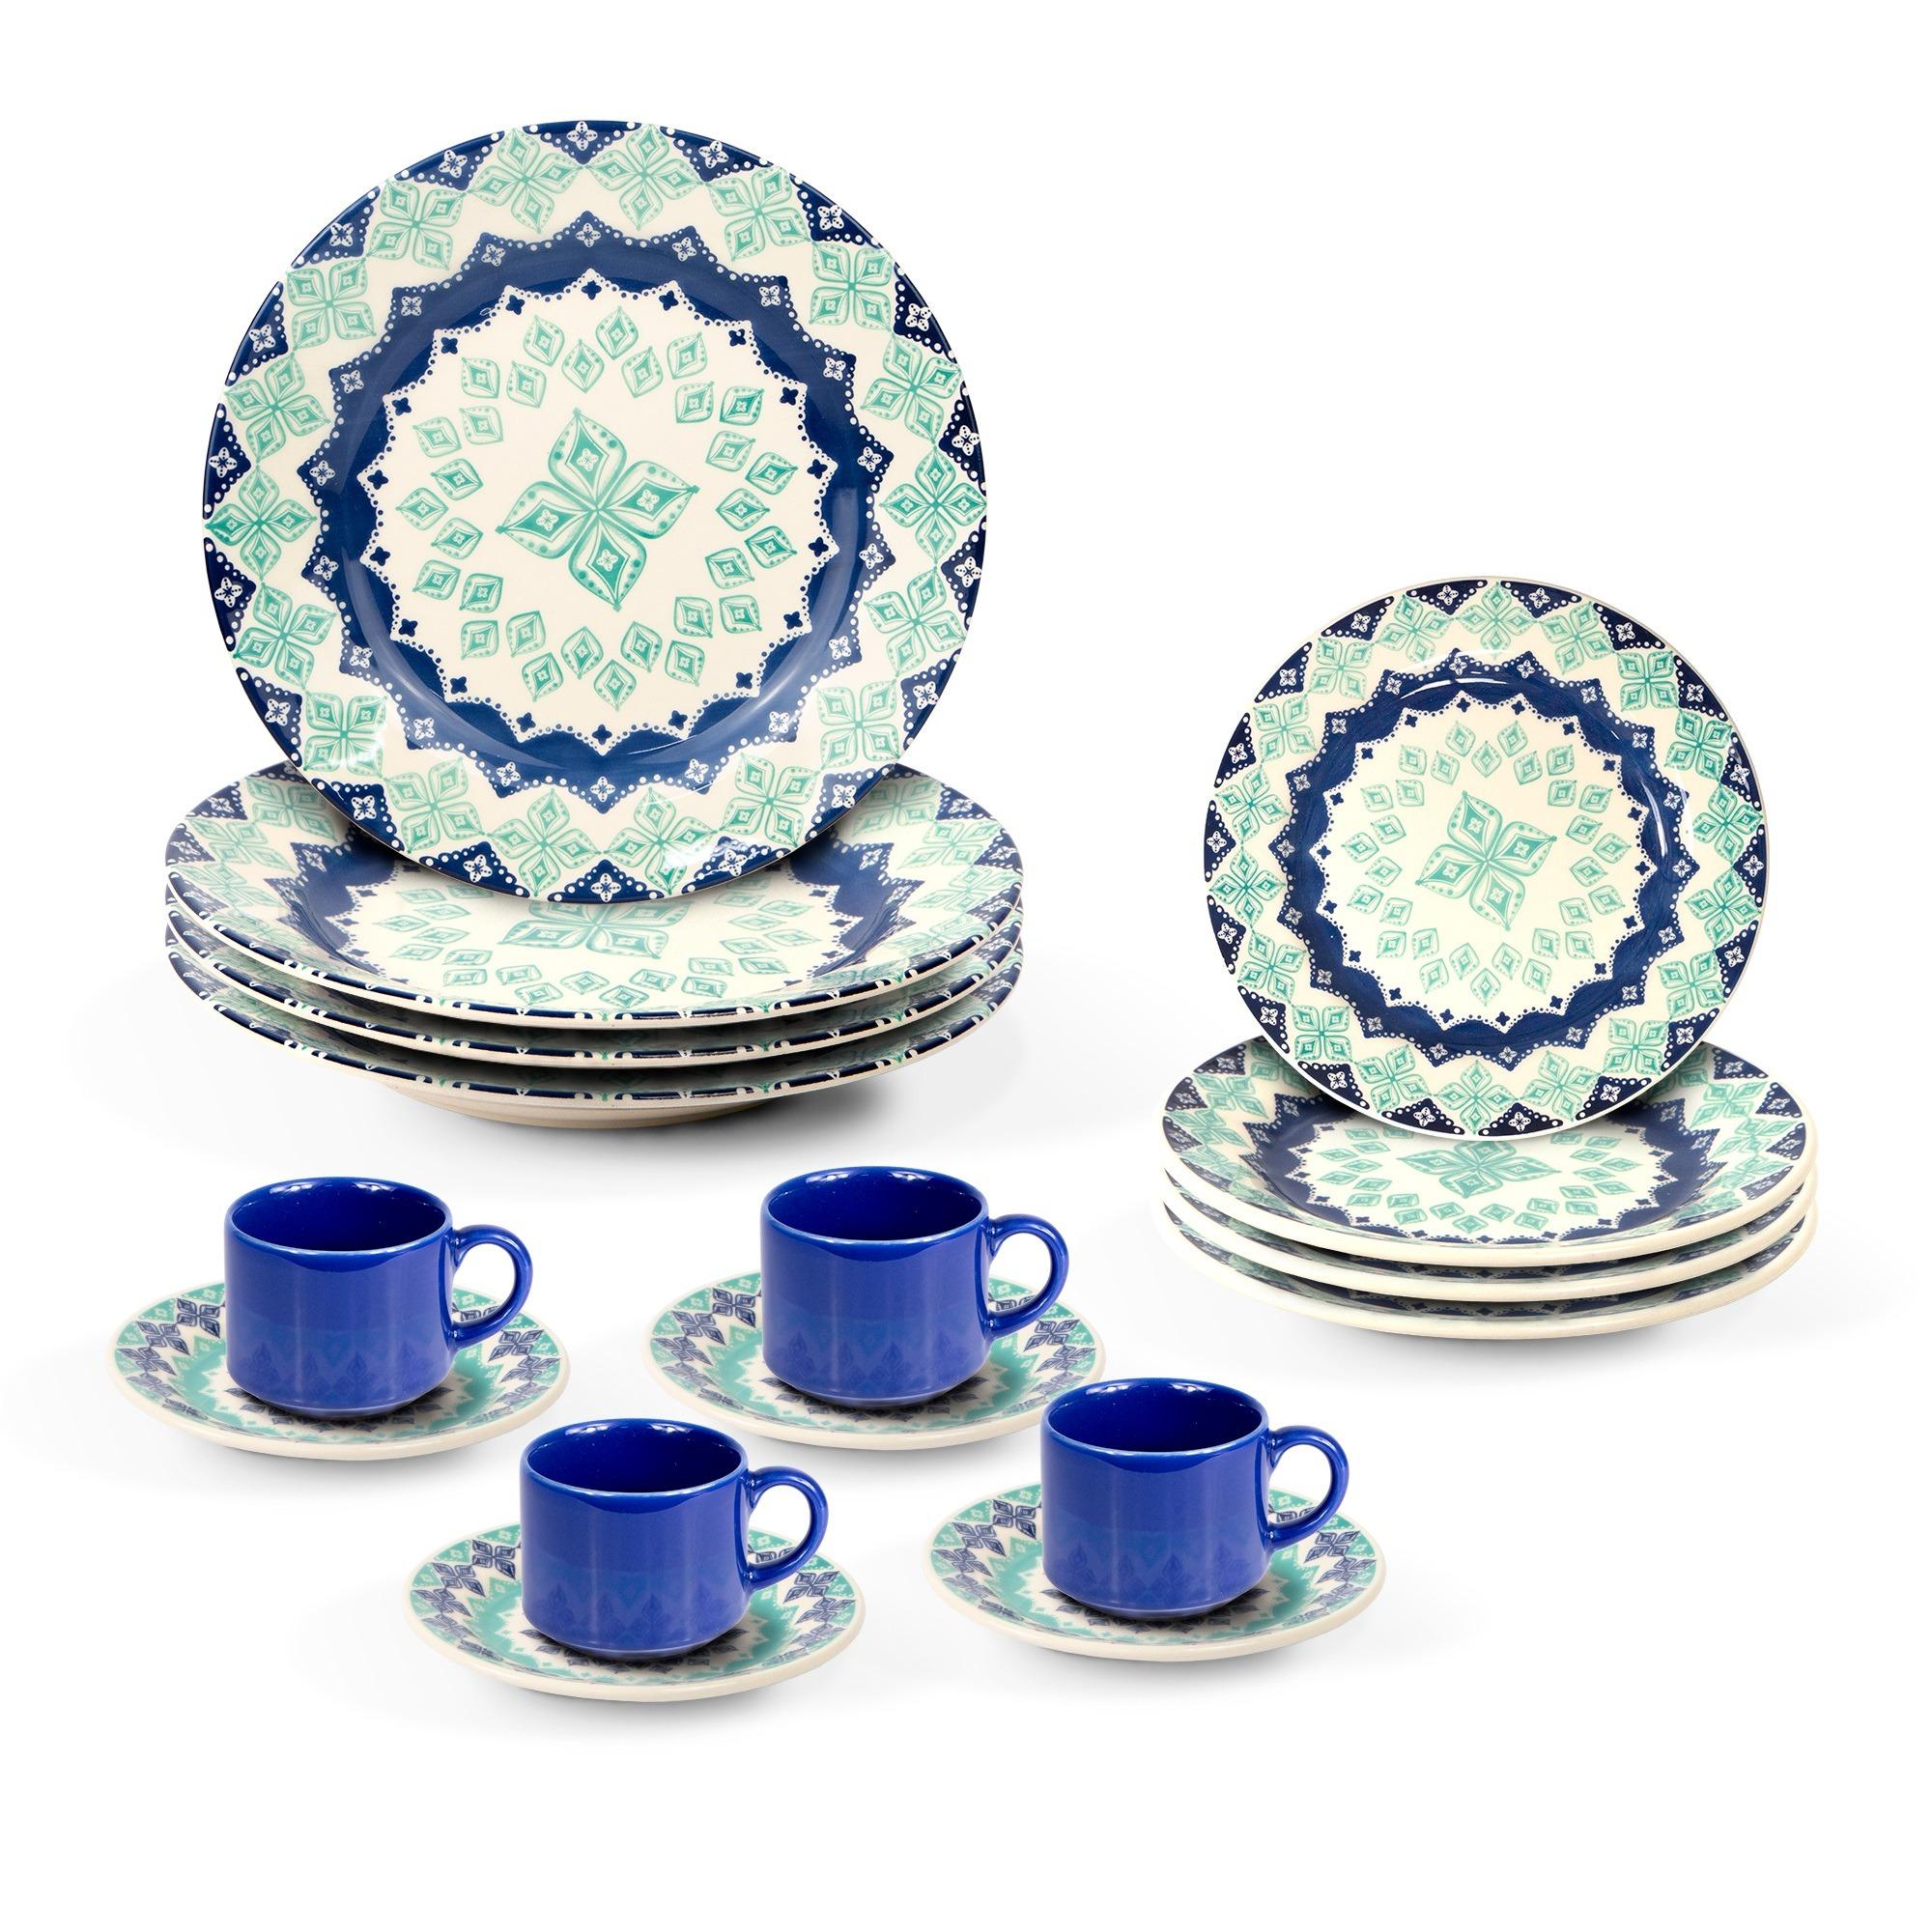 Aparelho de Jantar Donna Lola de Ceramica 16 Pecas Turquesa - Biona